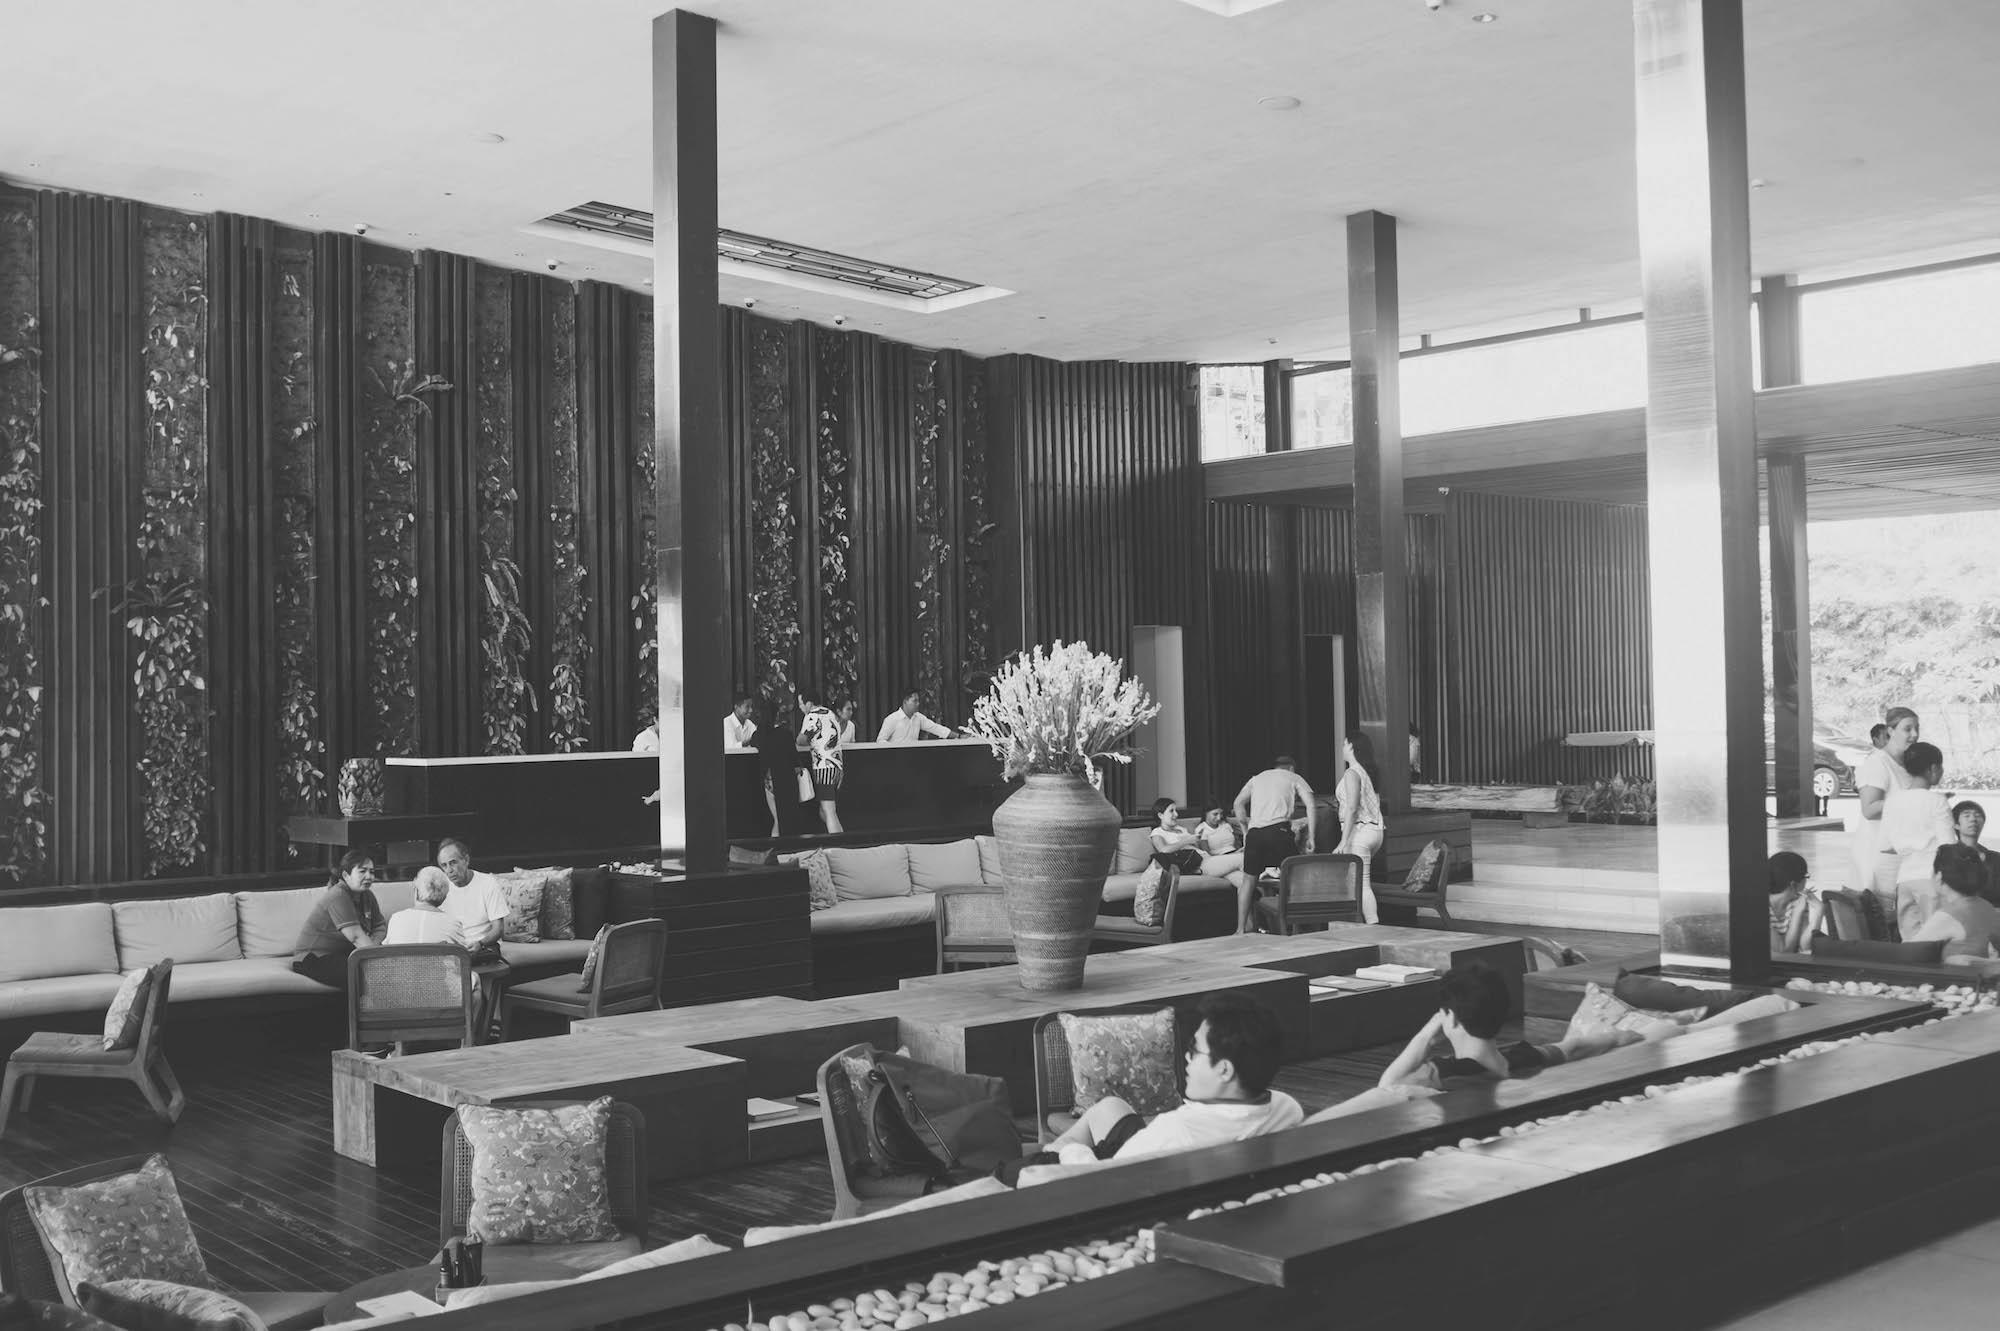 2017-04-Alila-Seminyak - alila-seminyak-bali-nectarandpulse-lobby-12.jpg